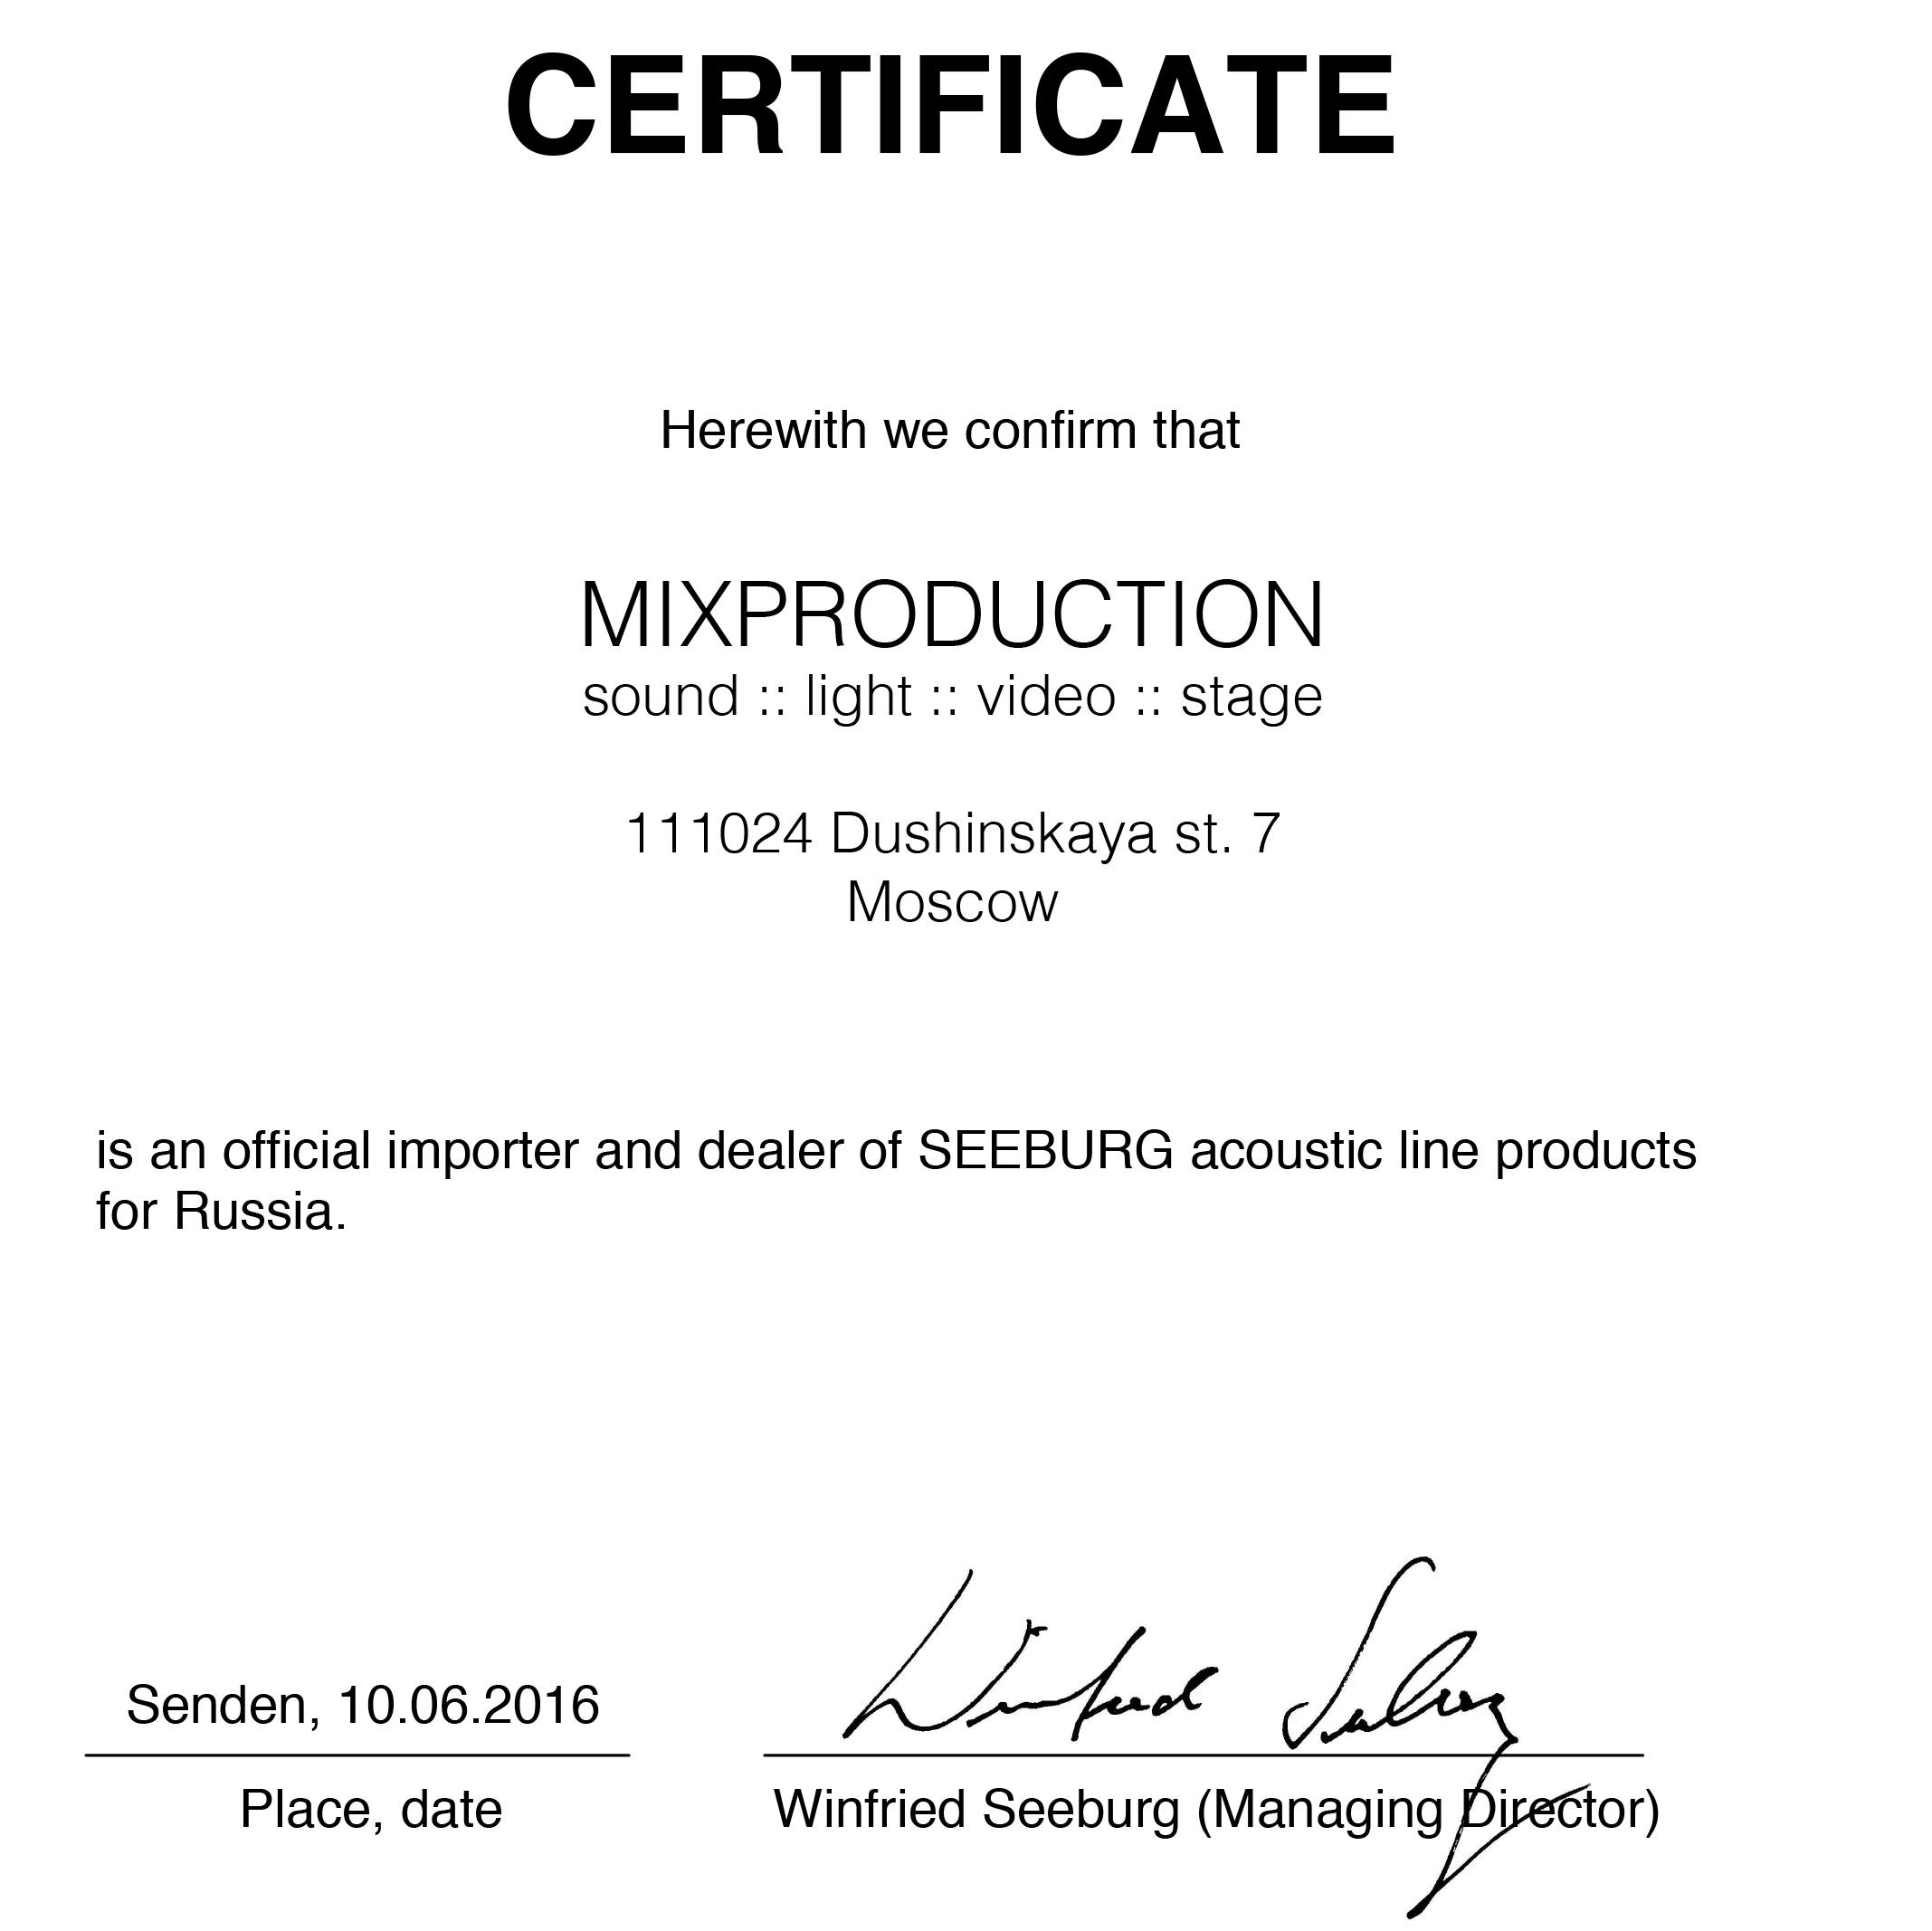 Сертификат официального поставщика SEEBURG acoustic line